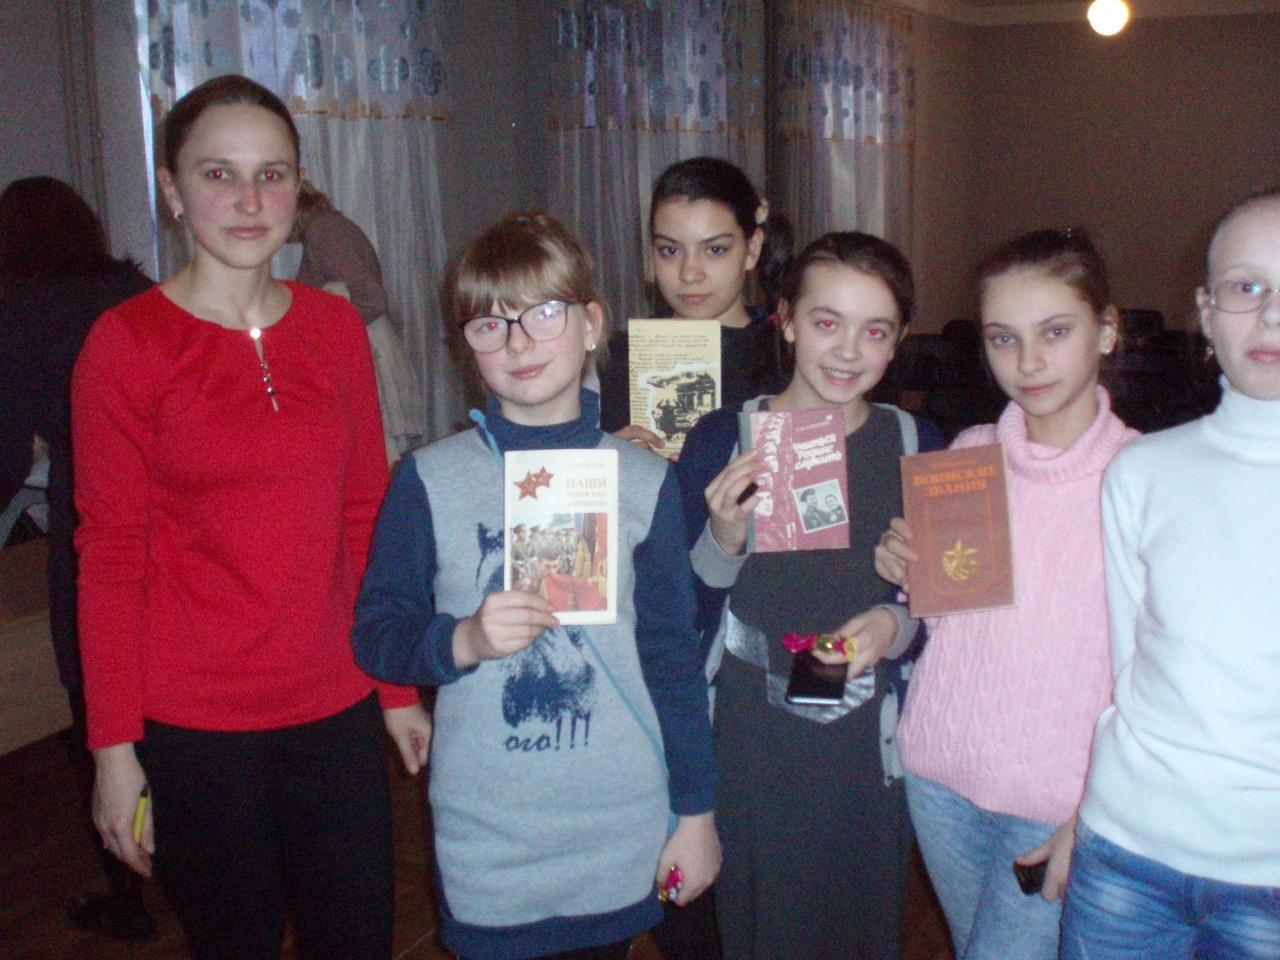 праздник мужества и отваги, 23 февраля, донецкая республиканская библиотека для детей, отдел обслуживания учащихся 5-9 классов,патриотическое воспитание